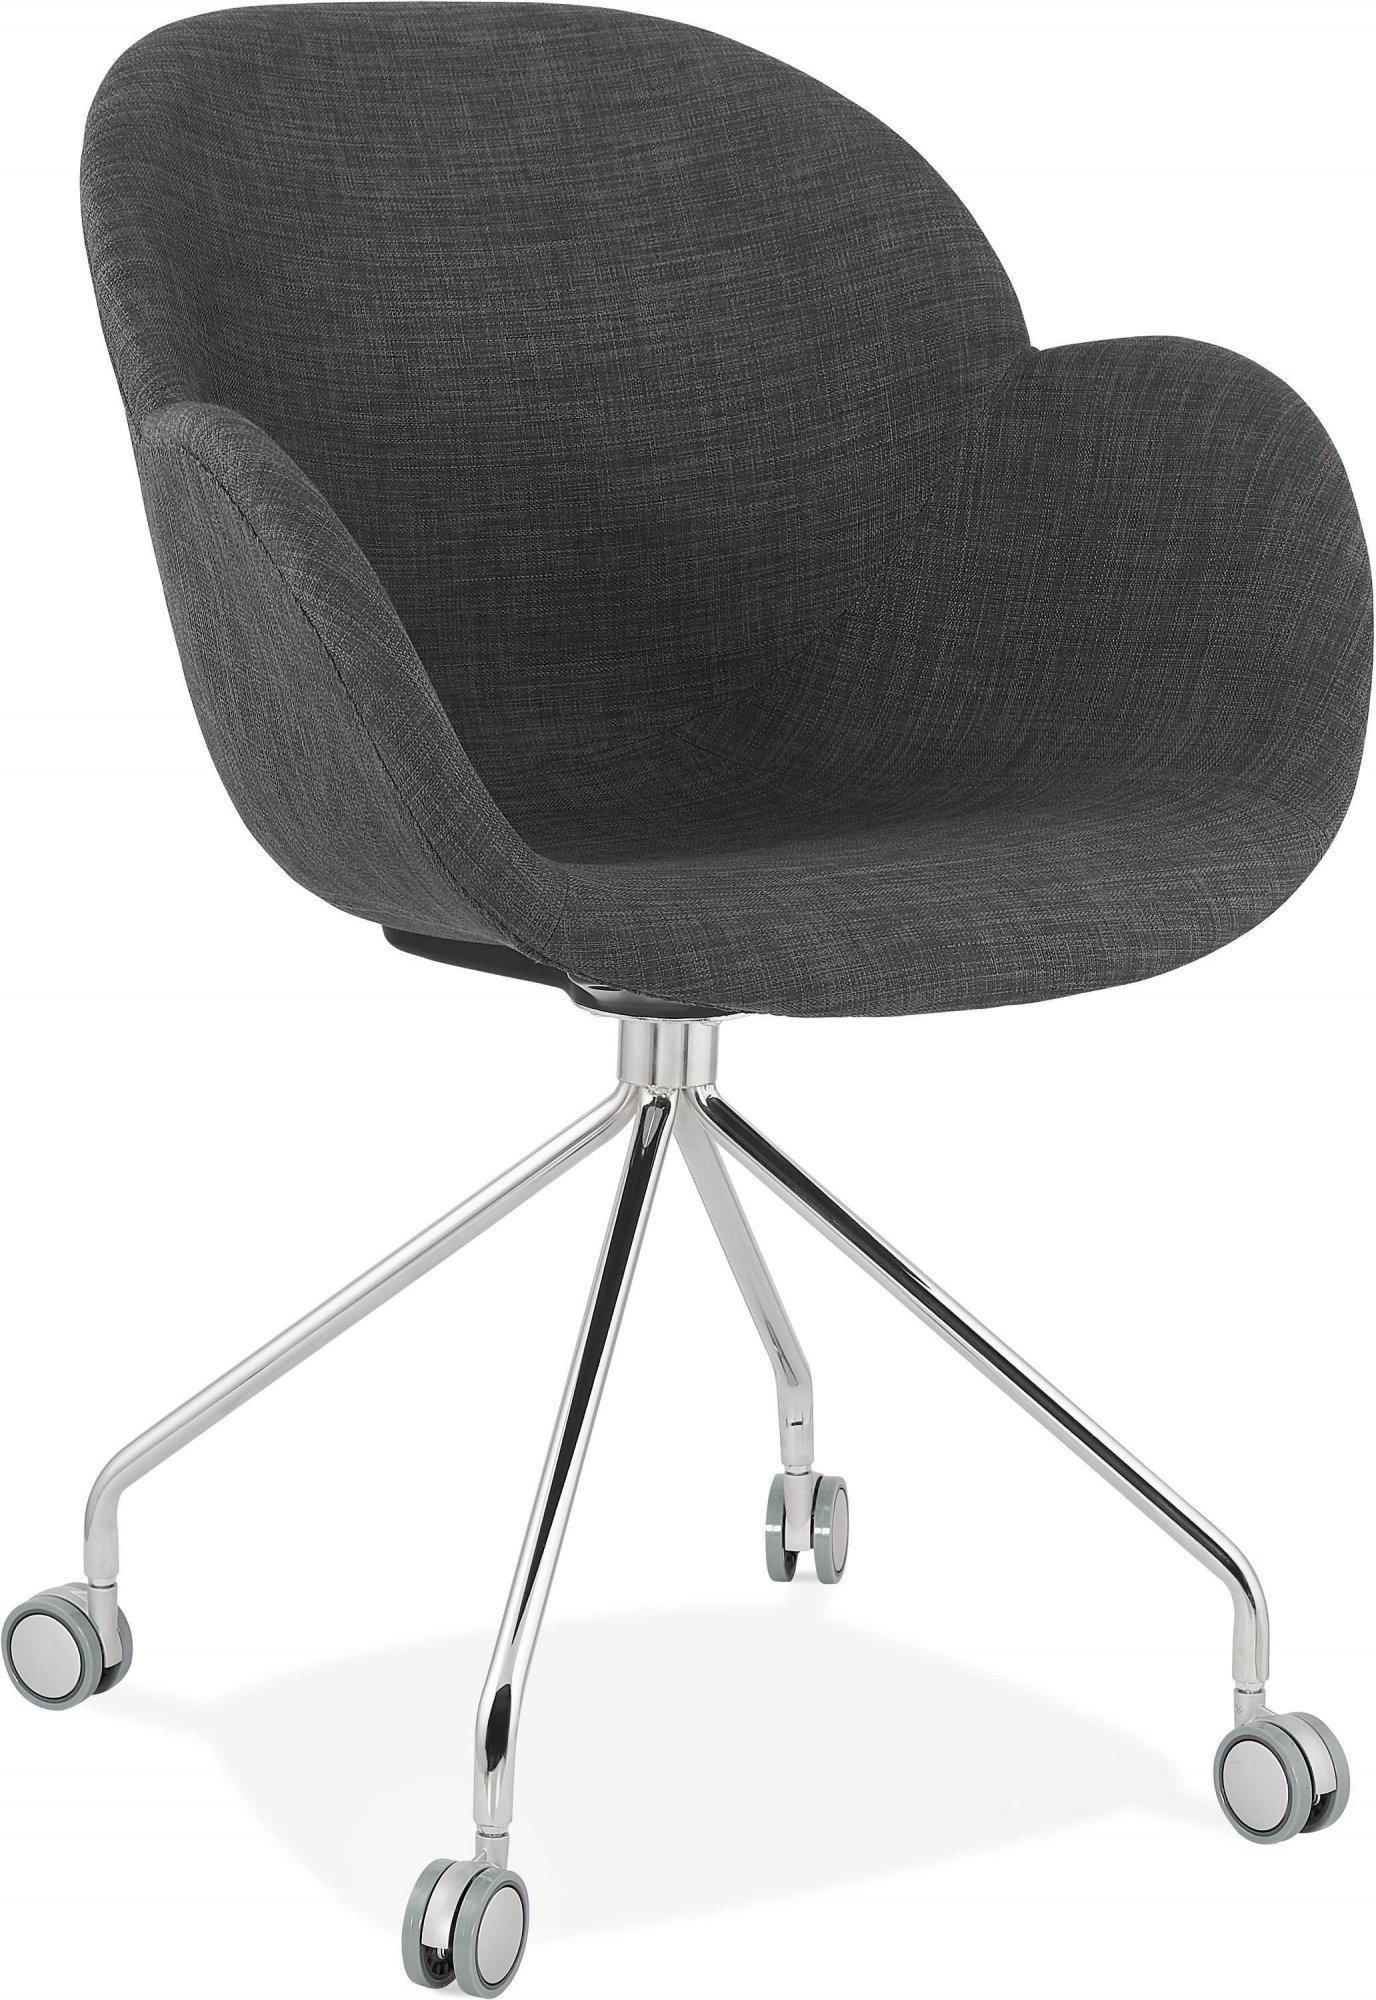 Fauteuil de bureau enveloppant rembourré couleur gris foncé